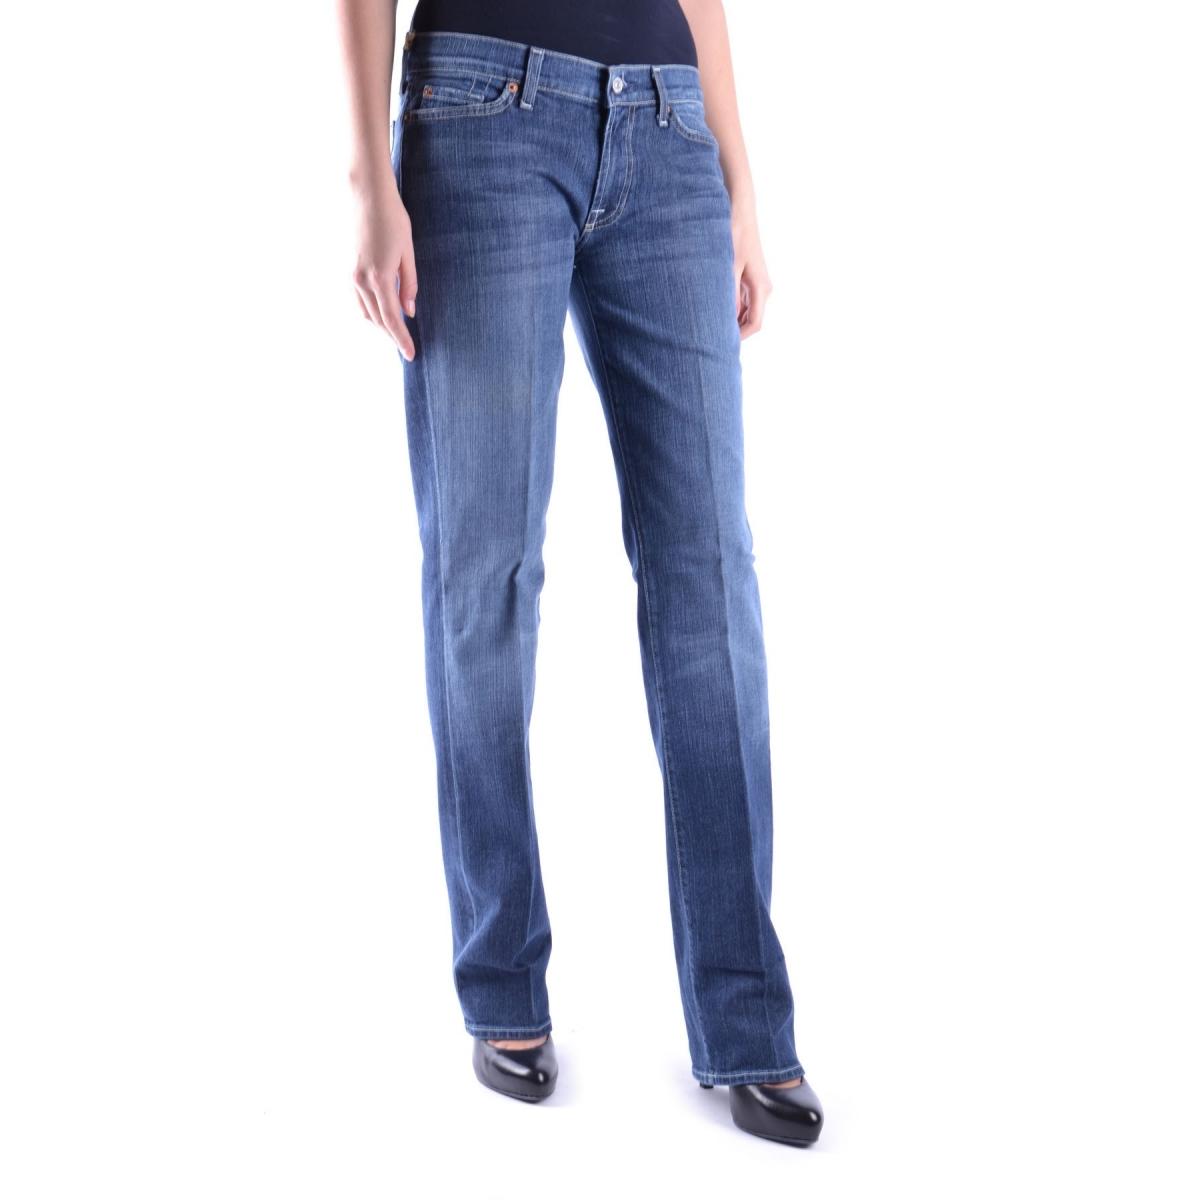 seven for all mankind jeans ean887 outlet bicocca. Black Bedroom Furniture Sets. Home Design Ideas